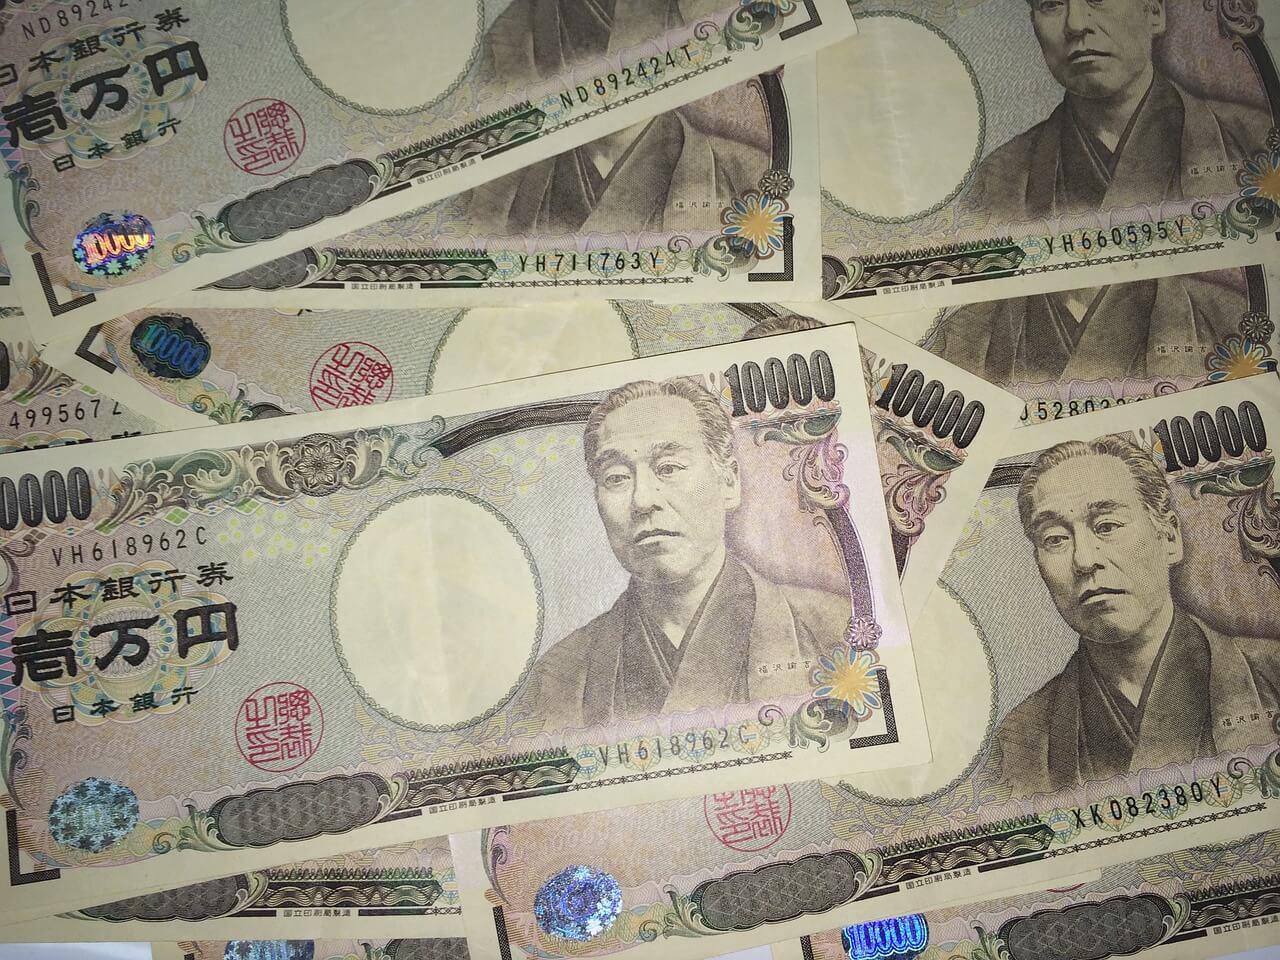 【フィリピンへの外貨持ち込み違反】 2,000万円所持の日本人 セブの空港で摘発